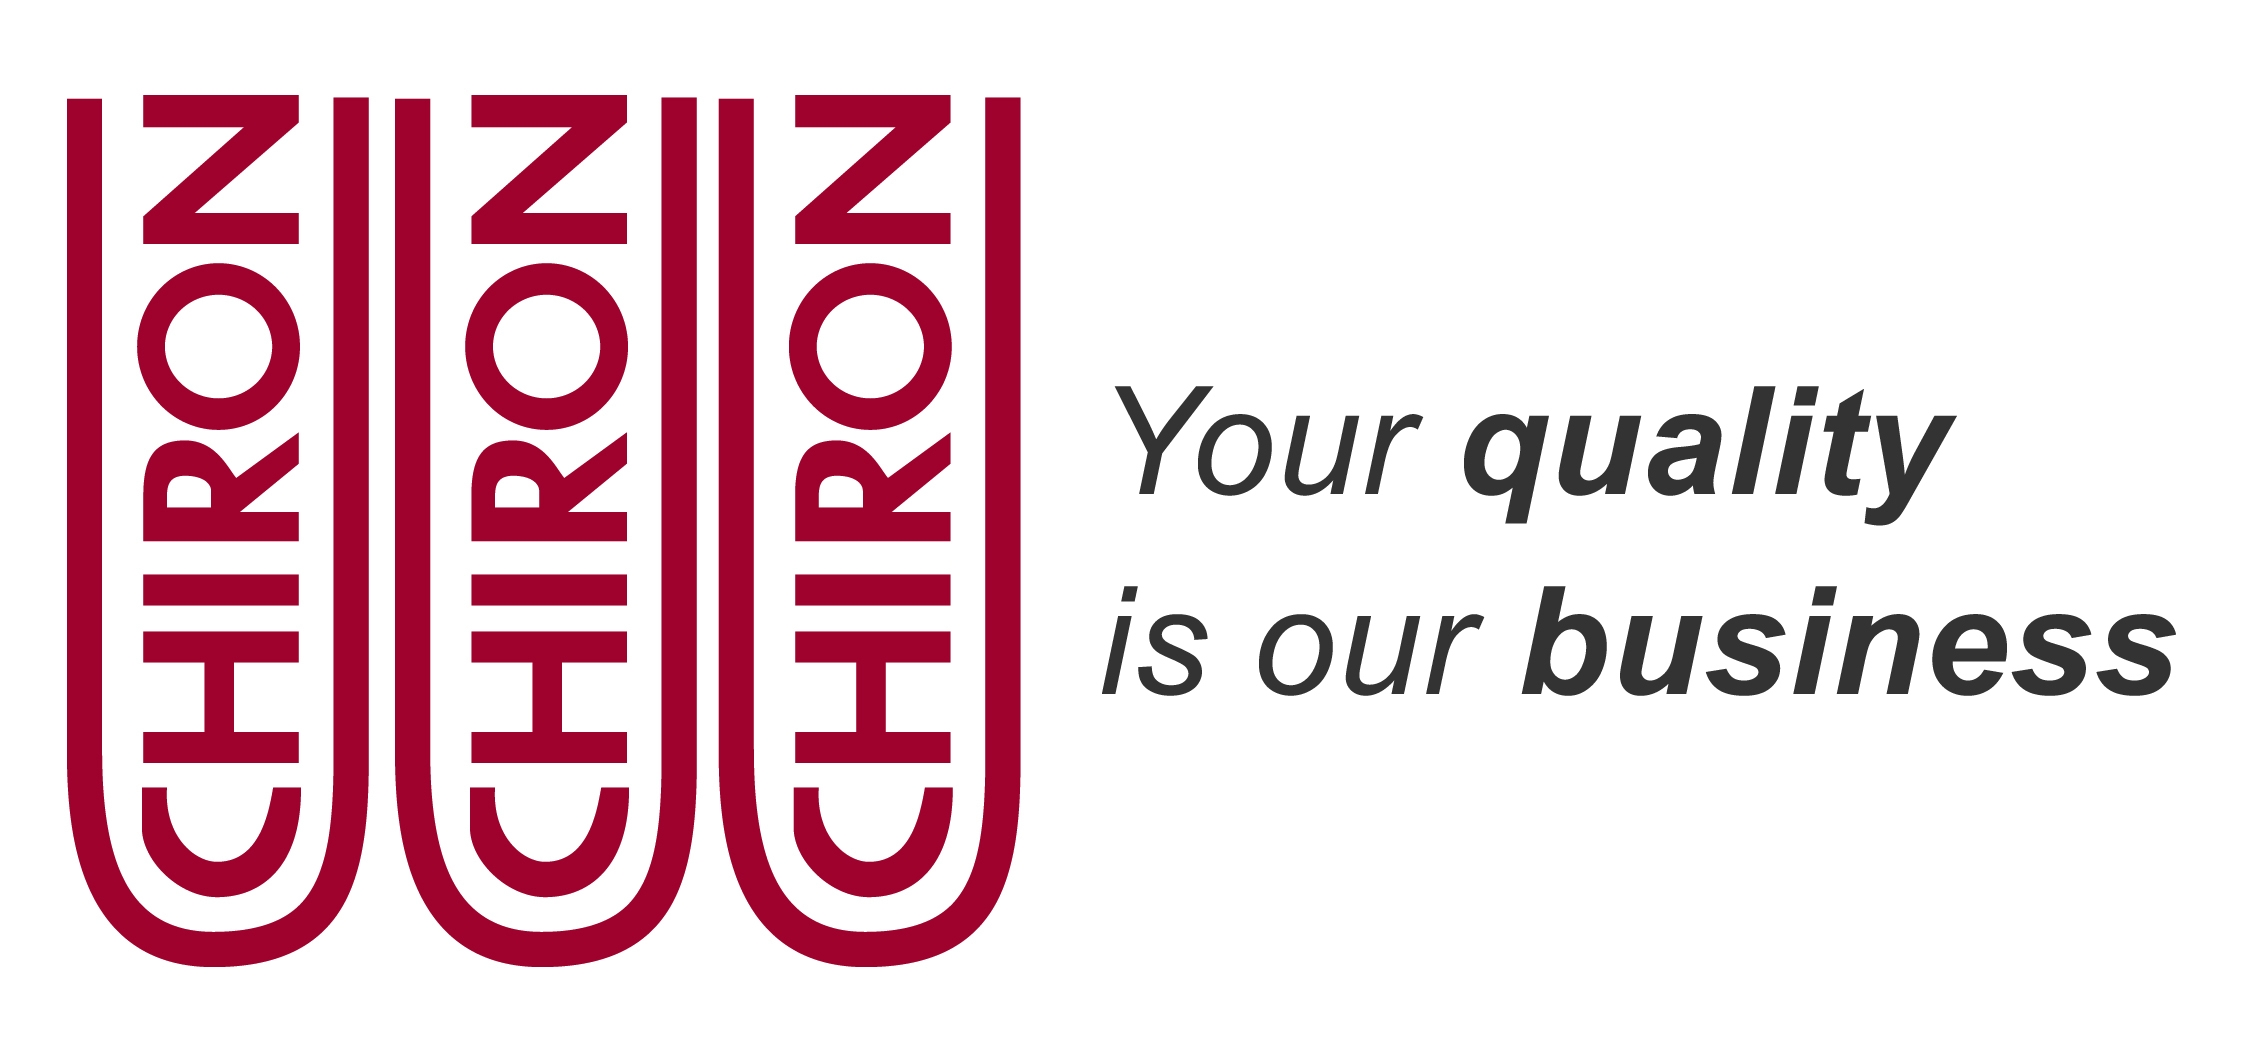 Chiron logo